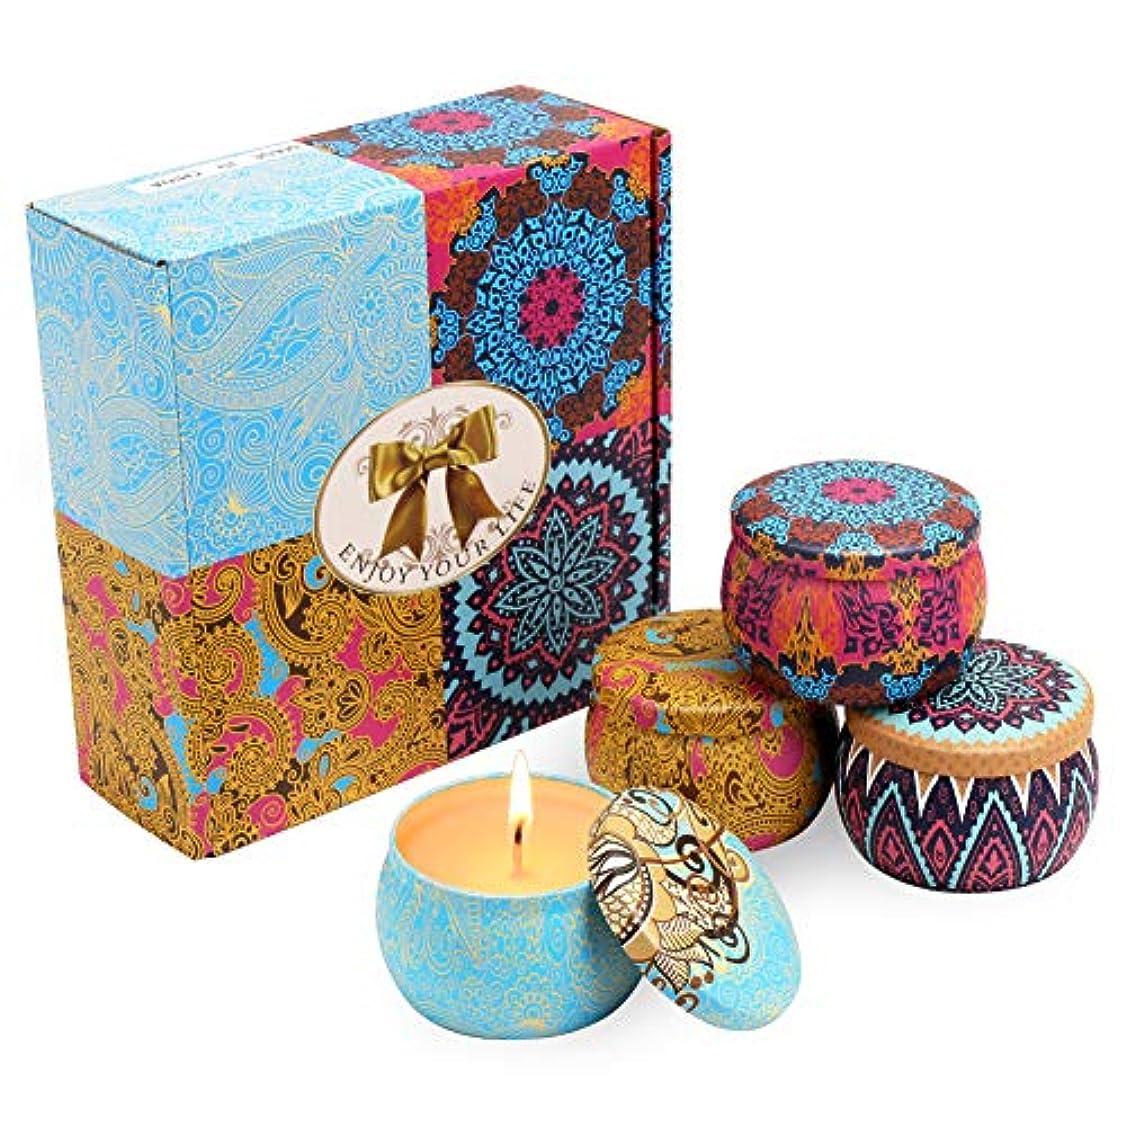 シャッフル不誠実韓国アロマキャンドル MANLI ソイワックス 天然 大豆ワックス 4つ香り 果物の香り 4個セット キャンドル アロマテラピー ロウソク バレンタインデー プレゼント ロマンチック 結婚式 誕生日(四セット)